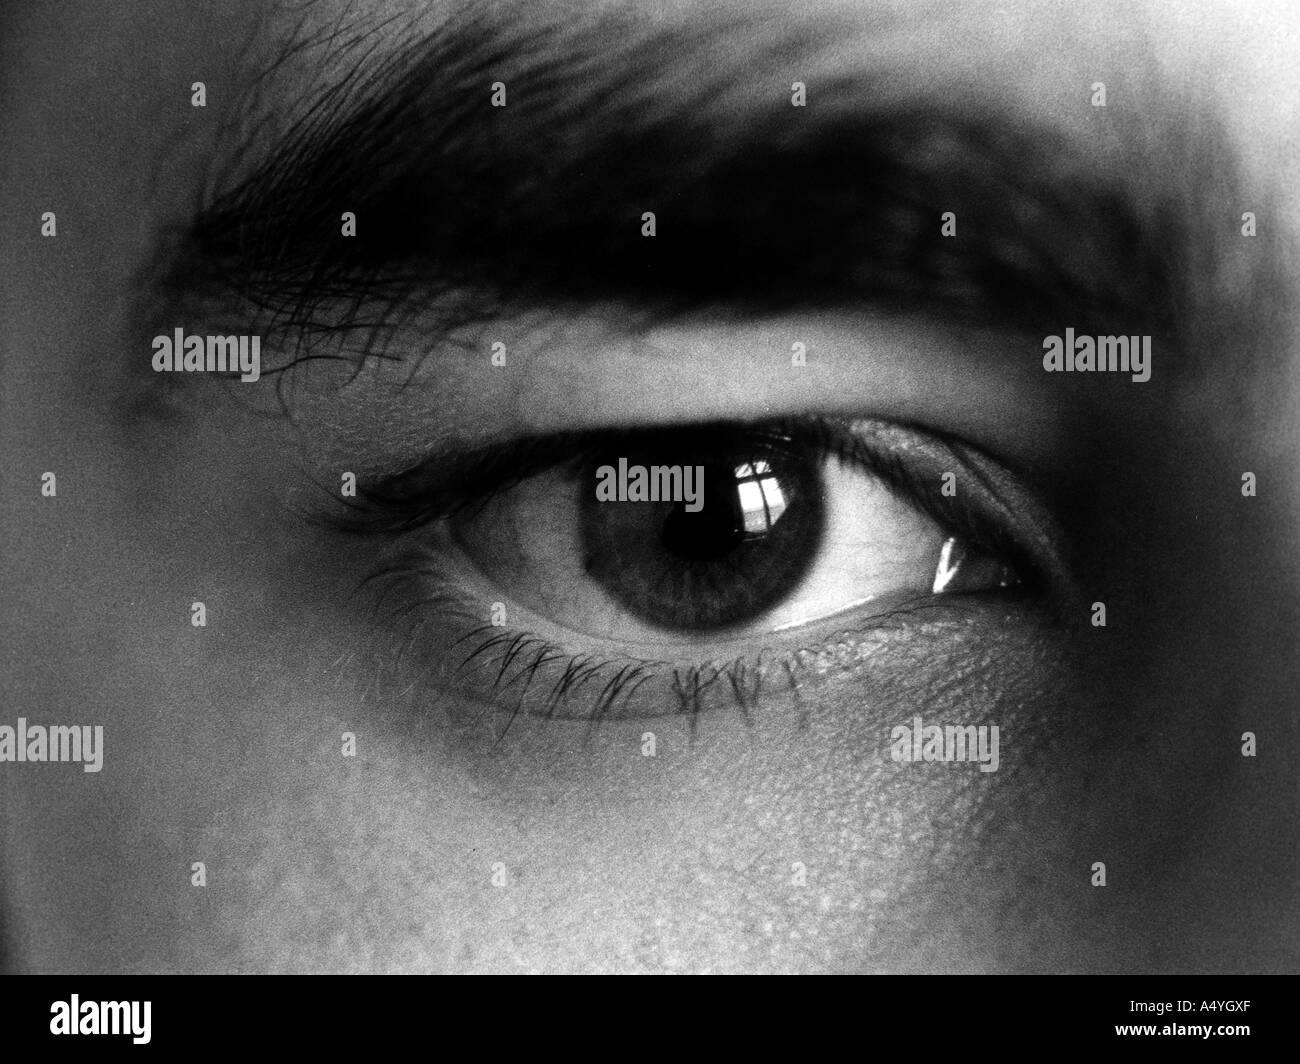 Man`s eye - Stock Image